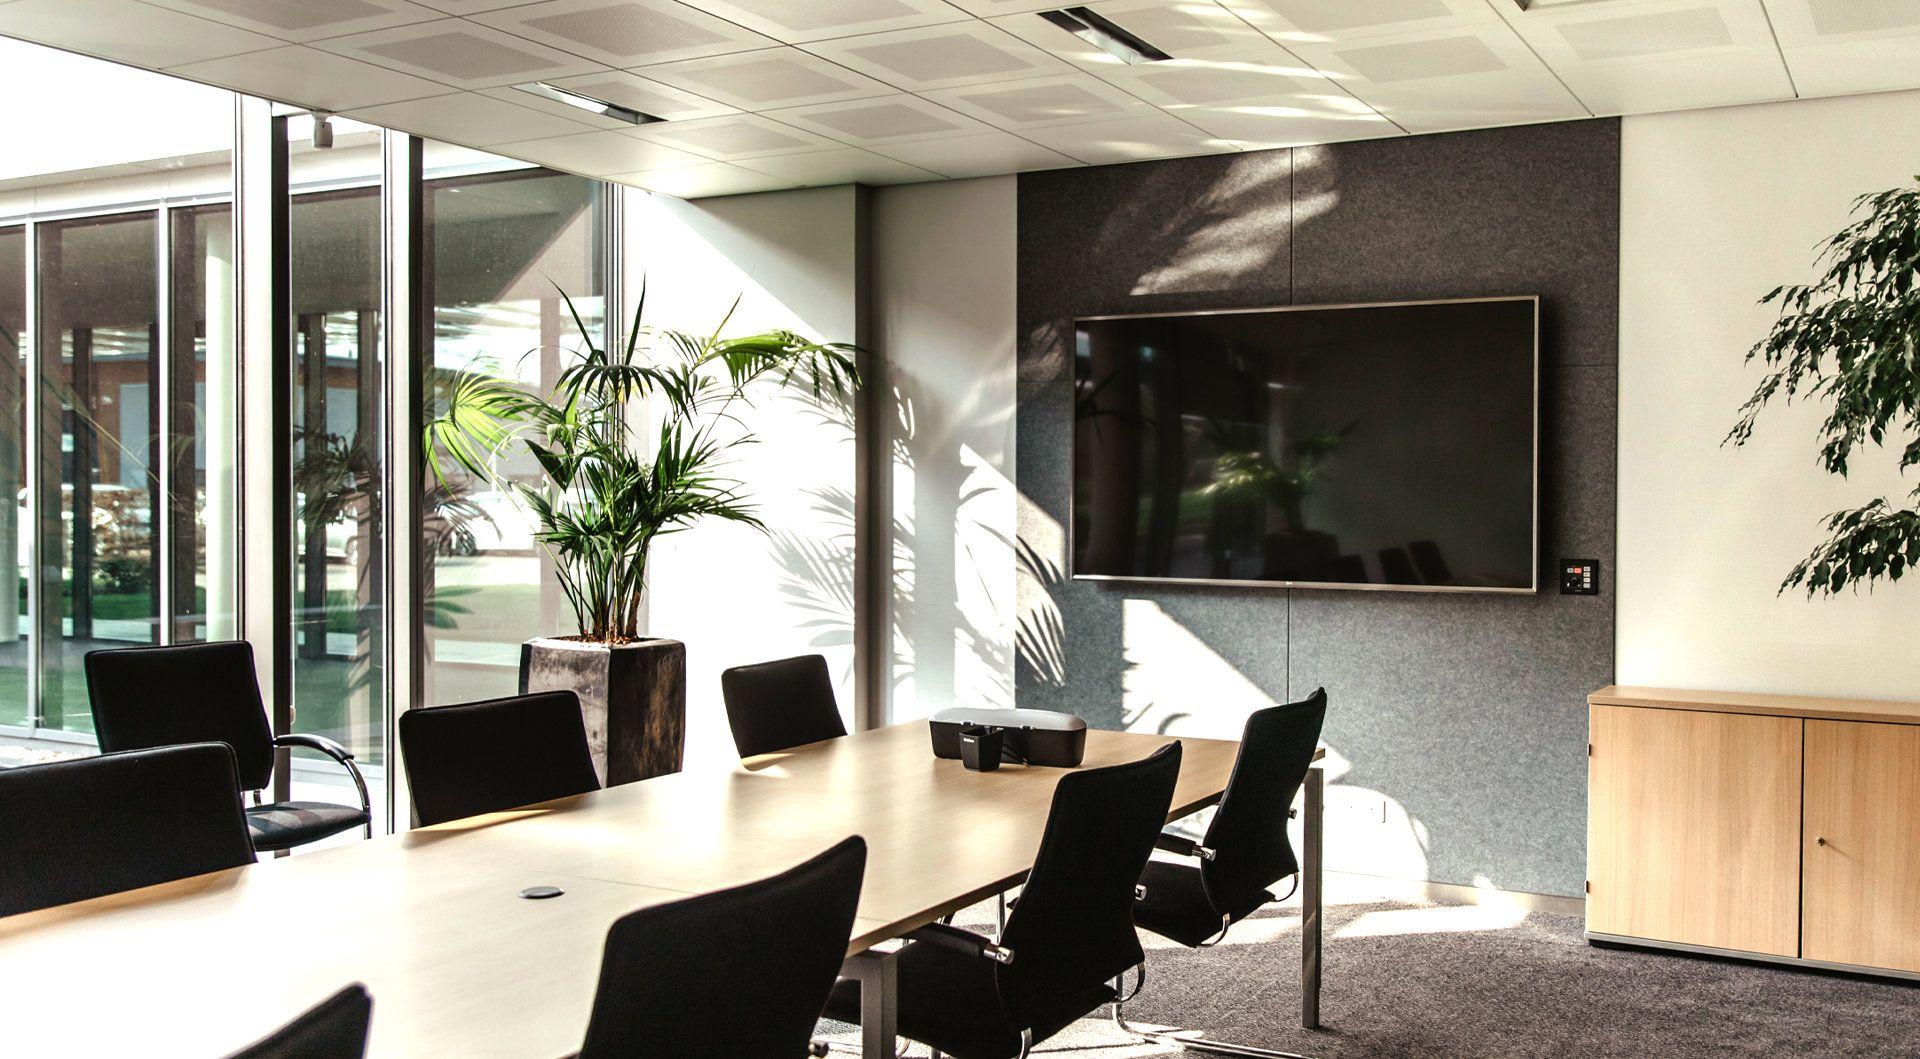 """Projecta Compact Electrol 117x200 Matte White S projectiescherm 2,34 m (92"""") 16:9 - Case studie de vries"""